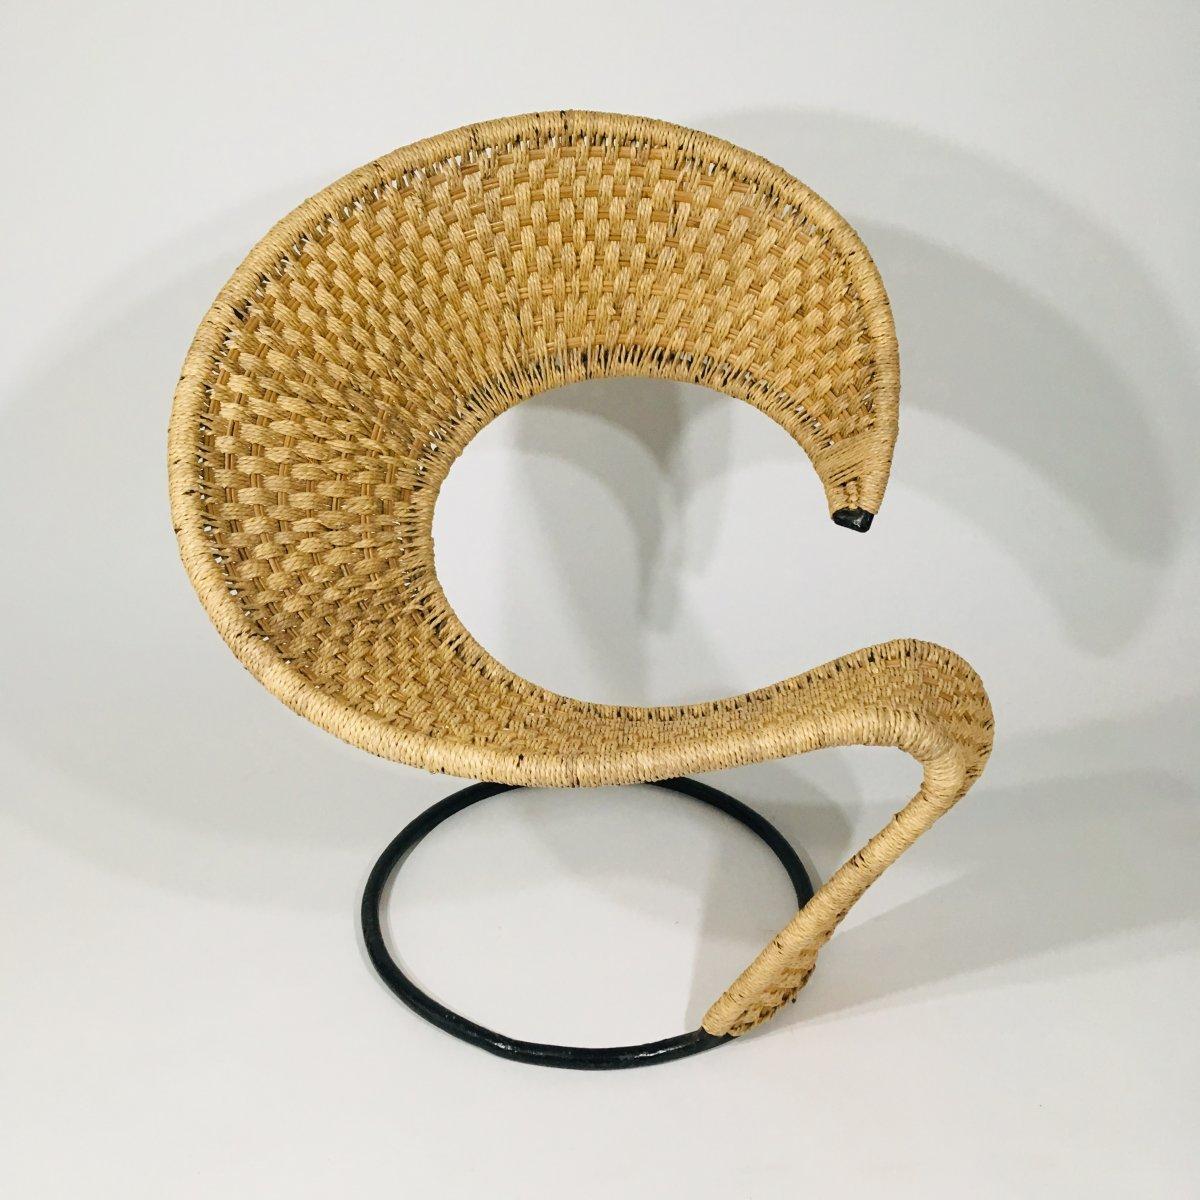 Fauteuil design dans le goût de Tom Dixon